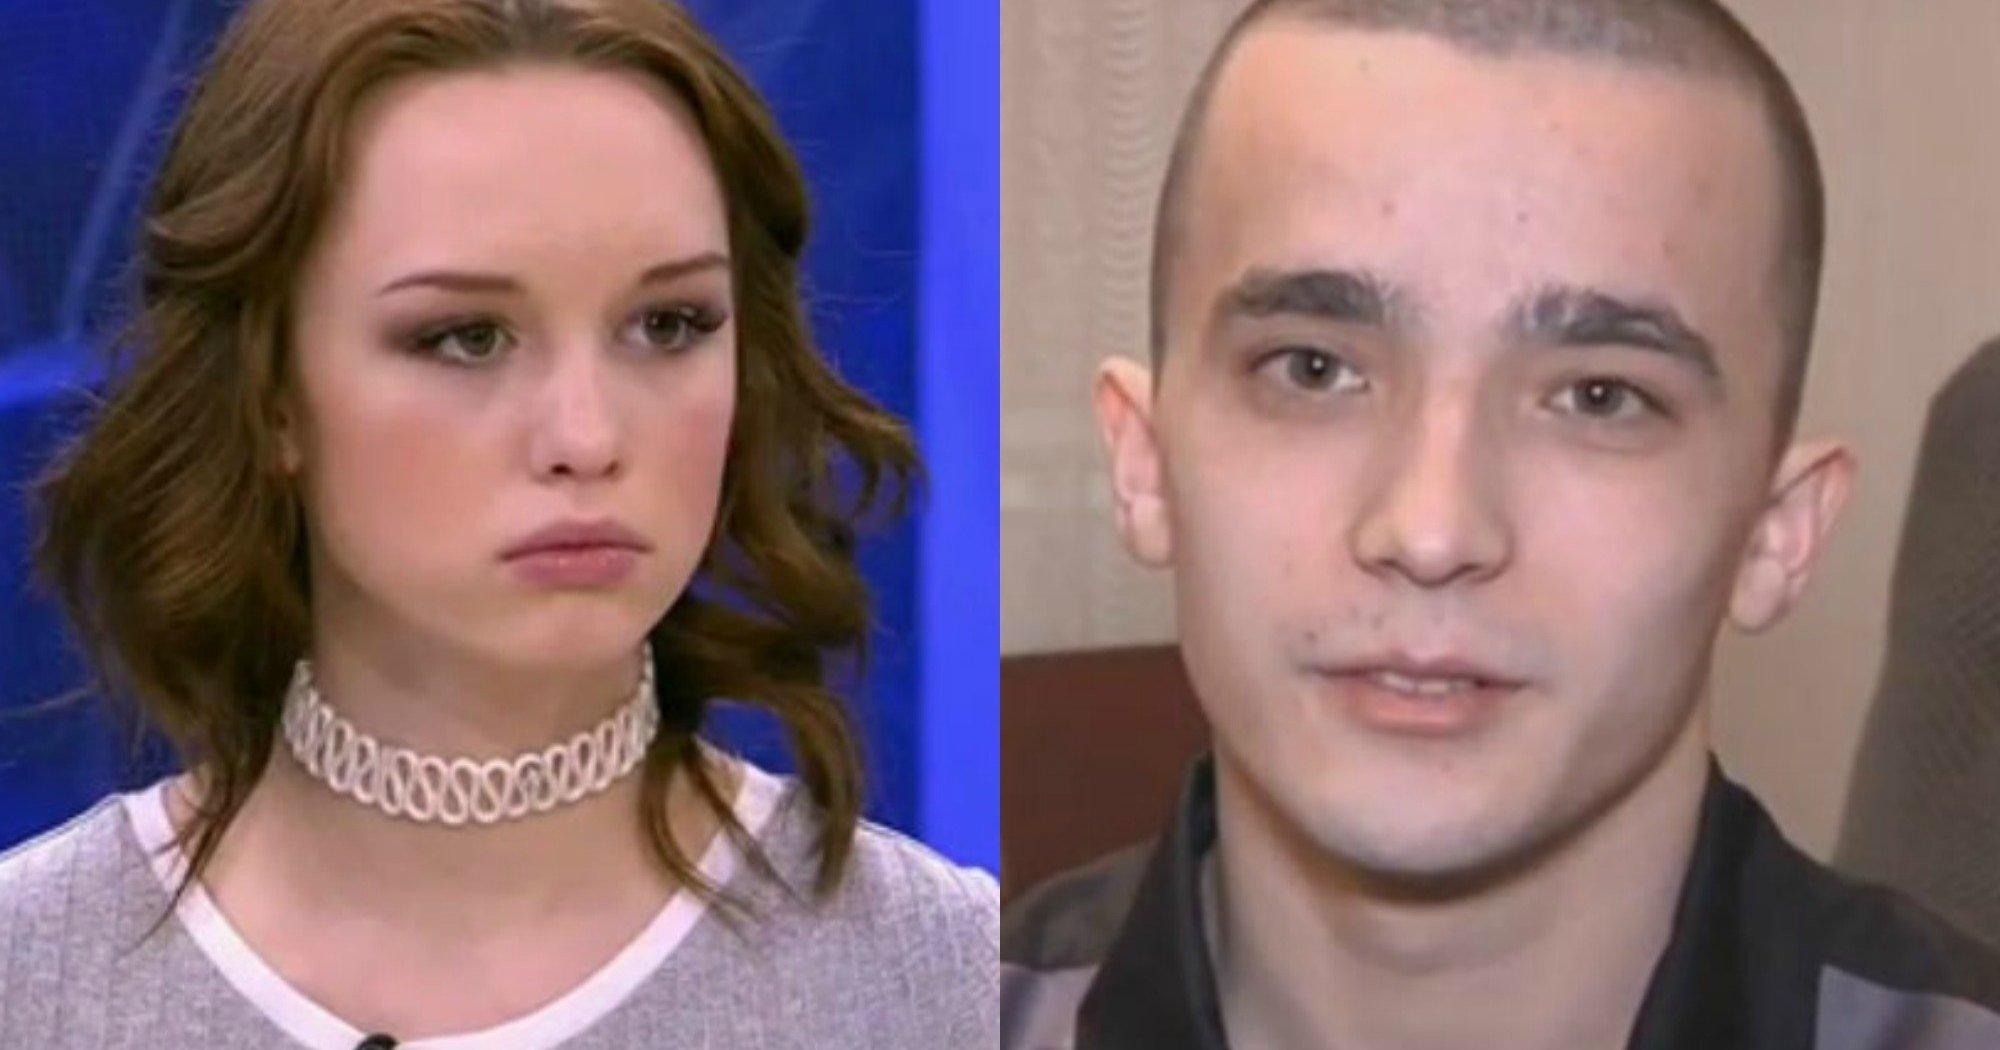 Семенов, осужденный заизнасилование Дианы Шурыгиной, стал героем программы сАндреем Малаховым